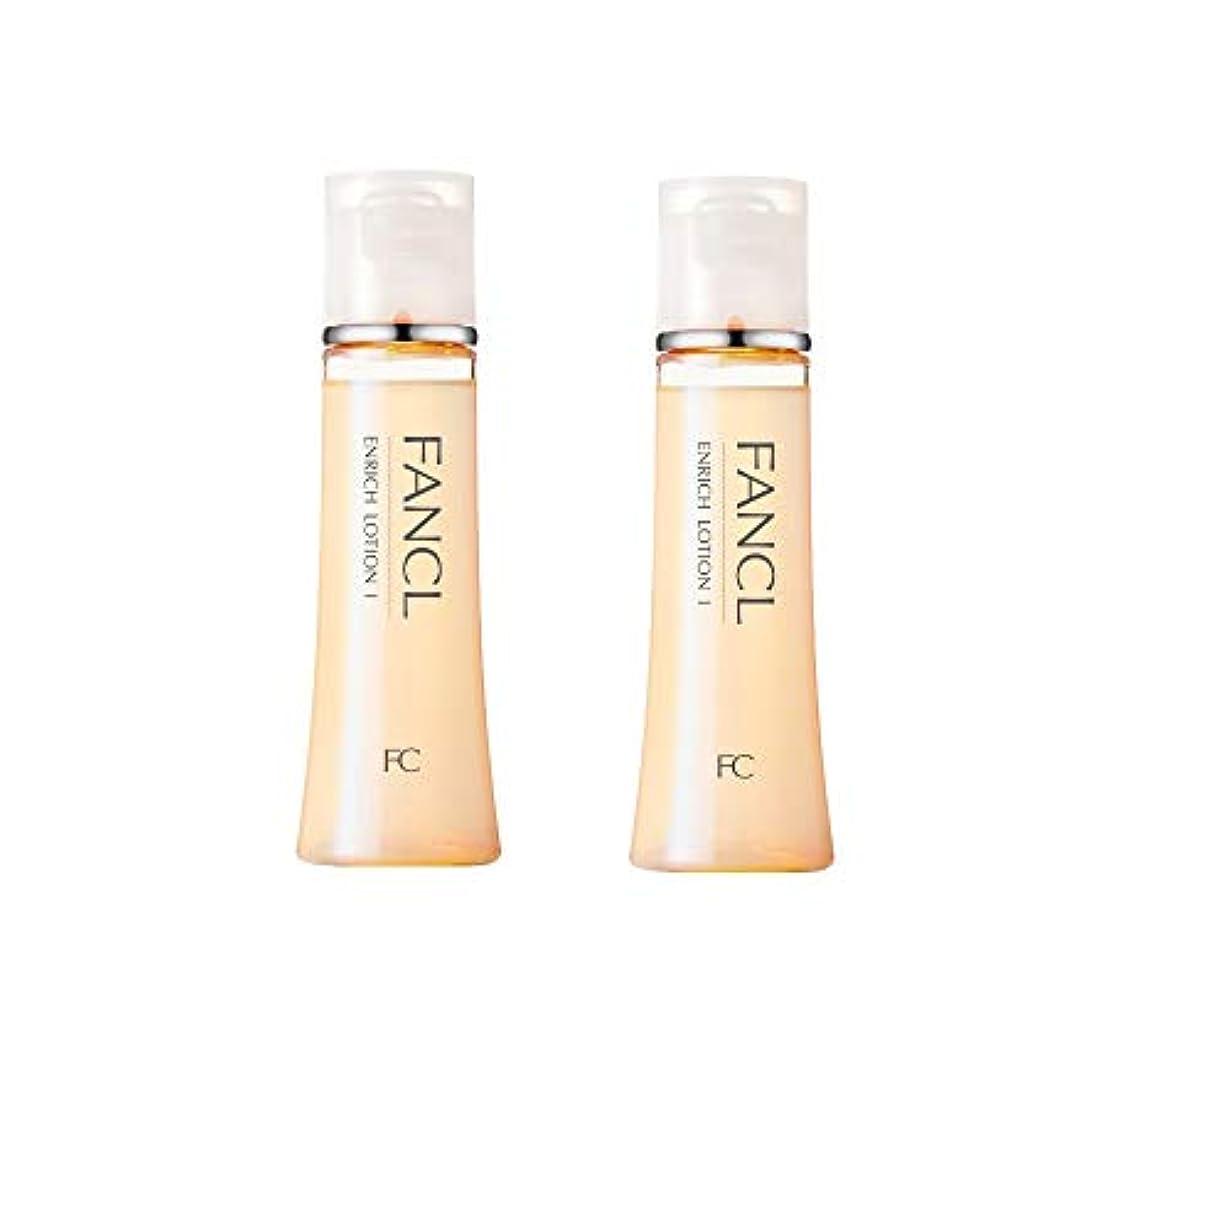 化学薬品満員ステーキファンケル (FANCL) エンリッチ 化粧液I さっぱり 2本セット 30mL×2 (約60日分)